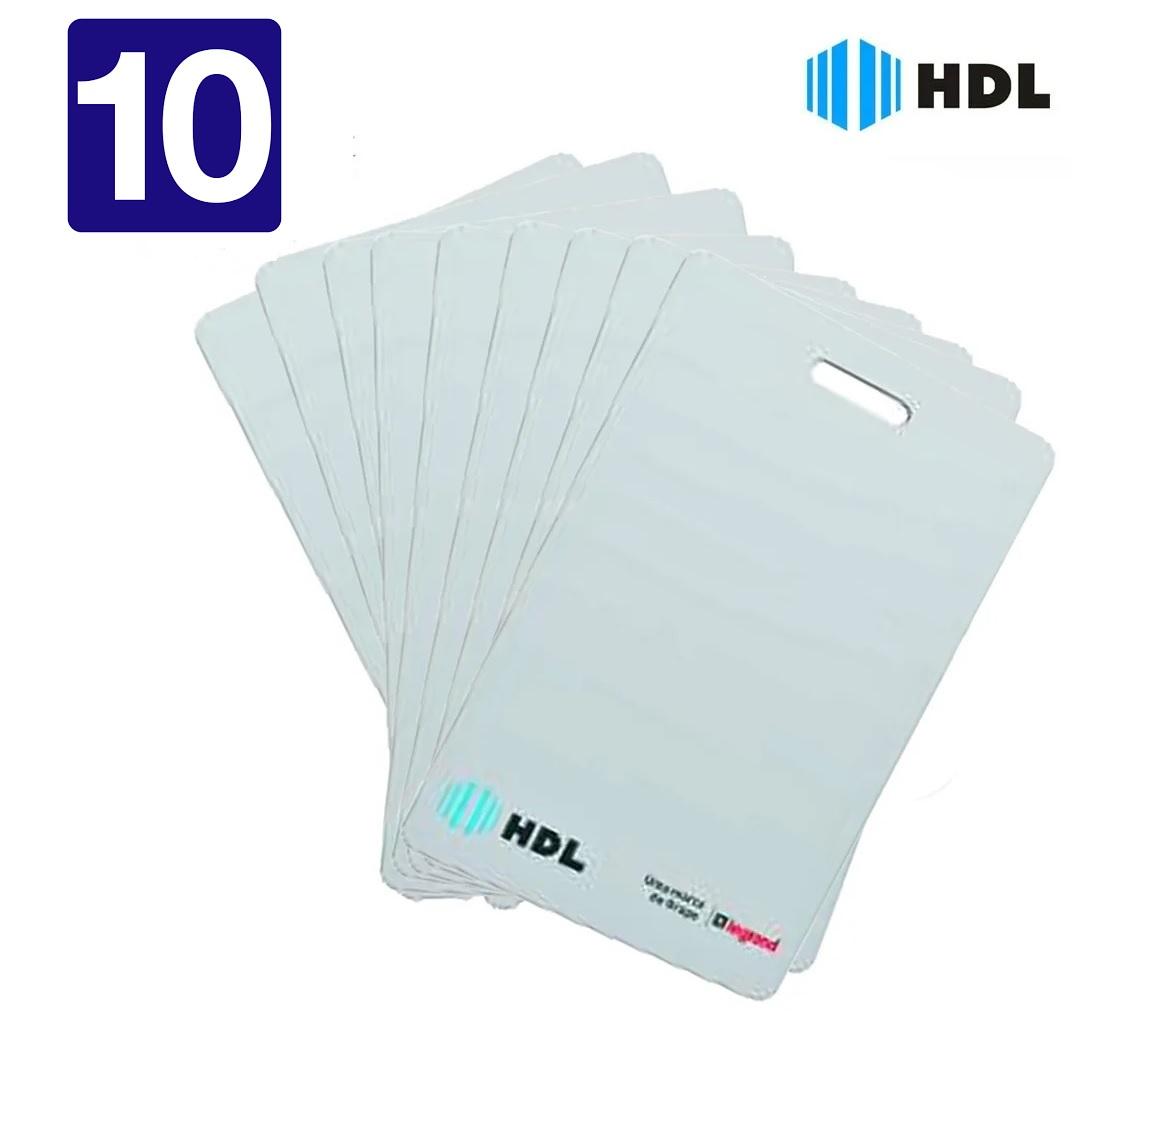 Cartão Rfid 125khz Com 10 Unidades HDL